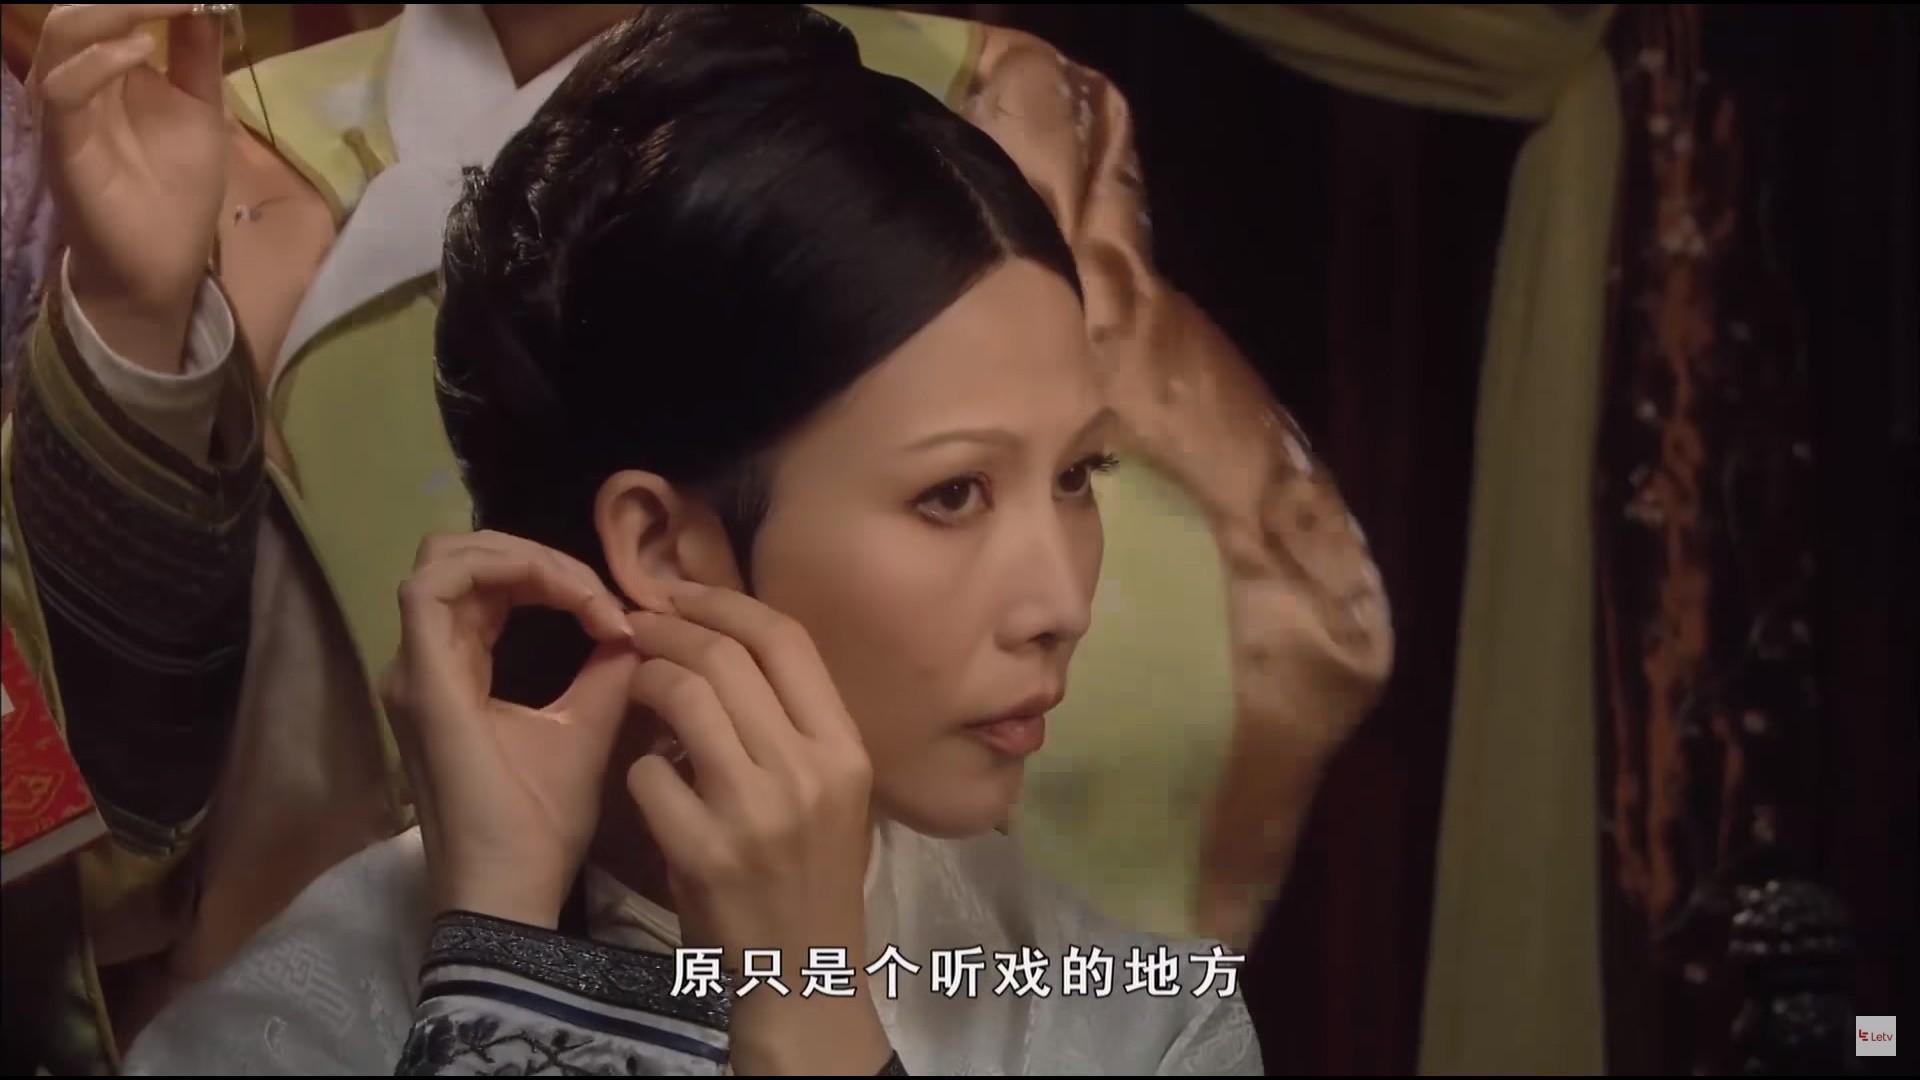 大檸檬用圖(圖/翻攝自《後宮甄嬛傳》)